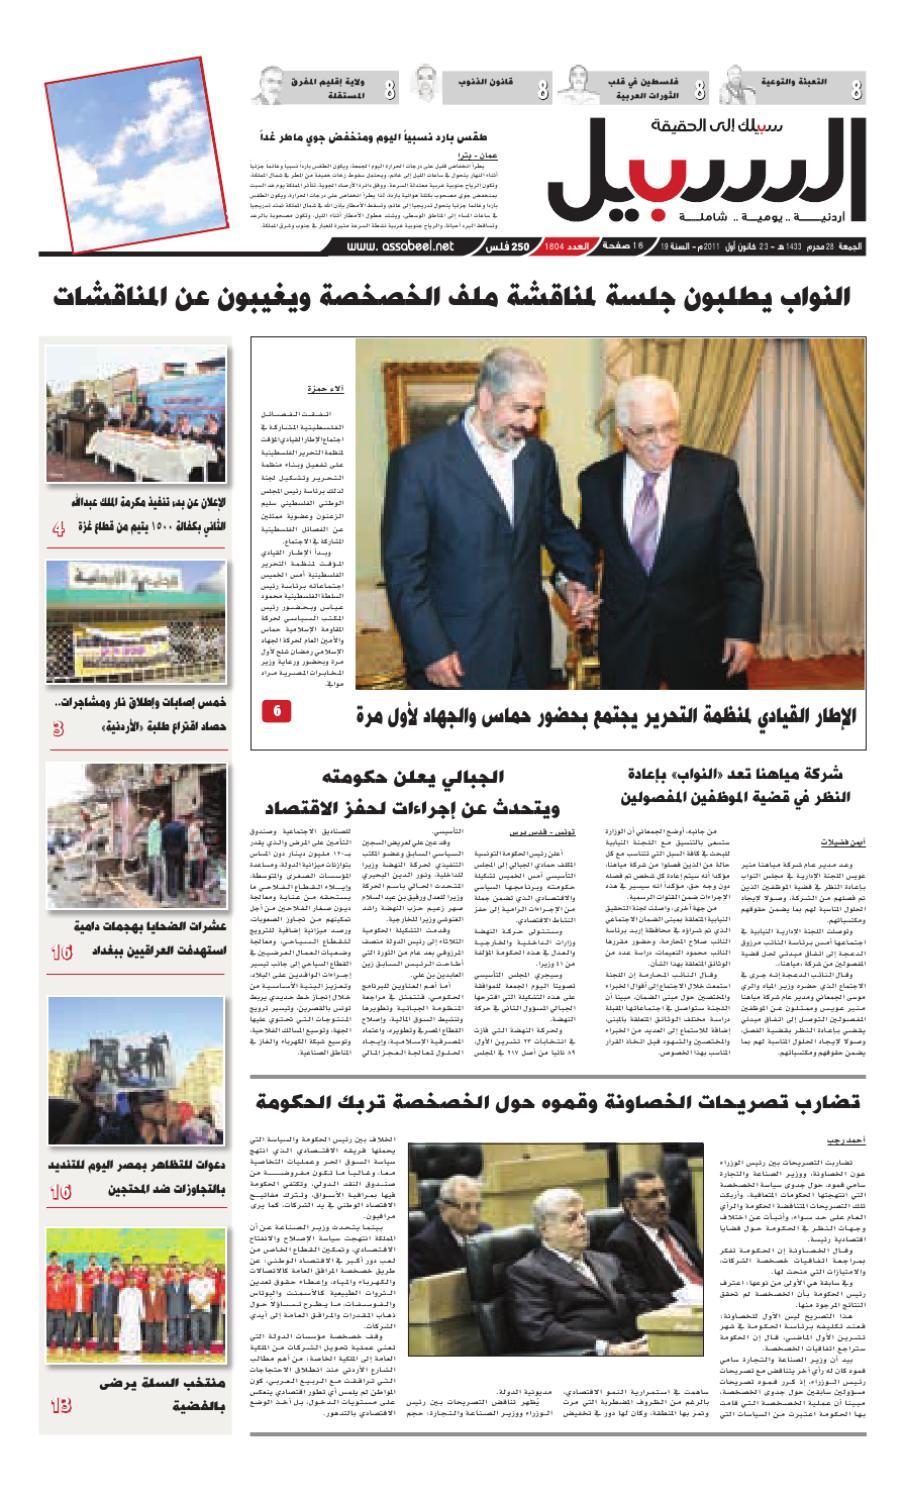 61a294b80d2e6 عدد الجمعة 23 كانون اول 2011 by Assabeel Newspaper - issuu